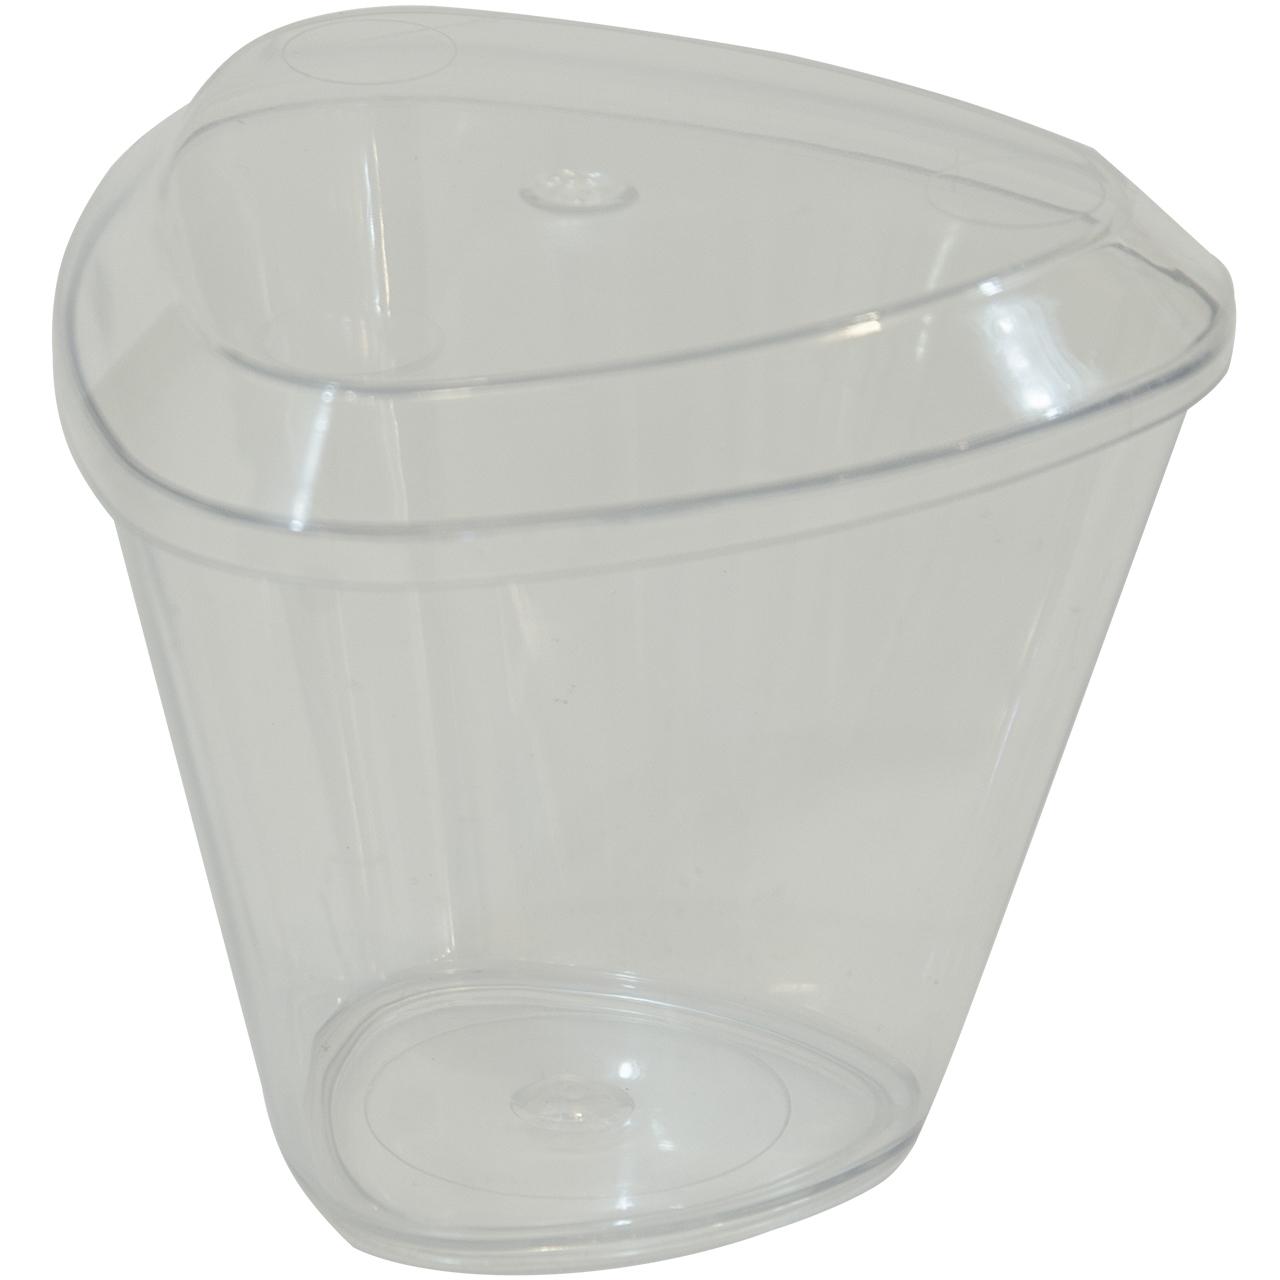 عکس ظرف دسر یکبار مصرف روشا پلاست مدل Crystal بسته 18 عددی